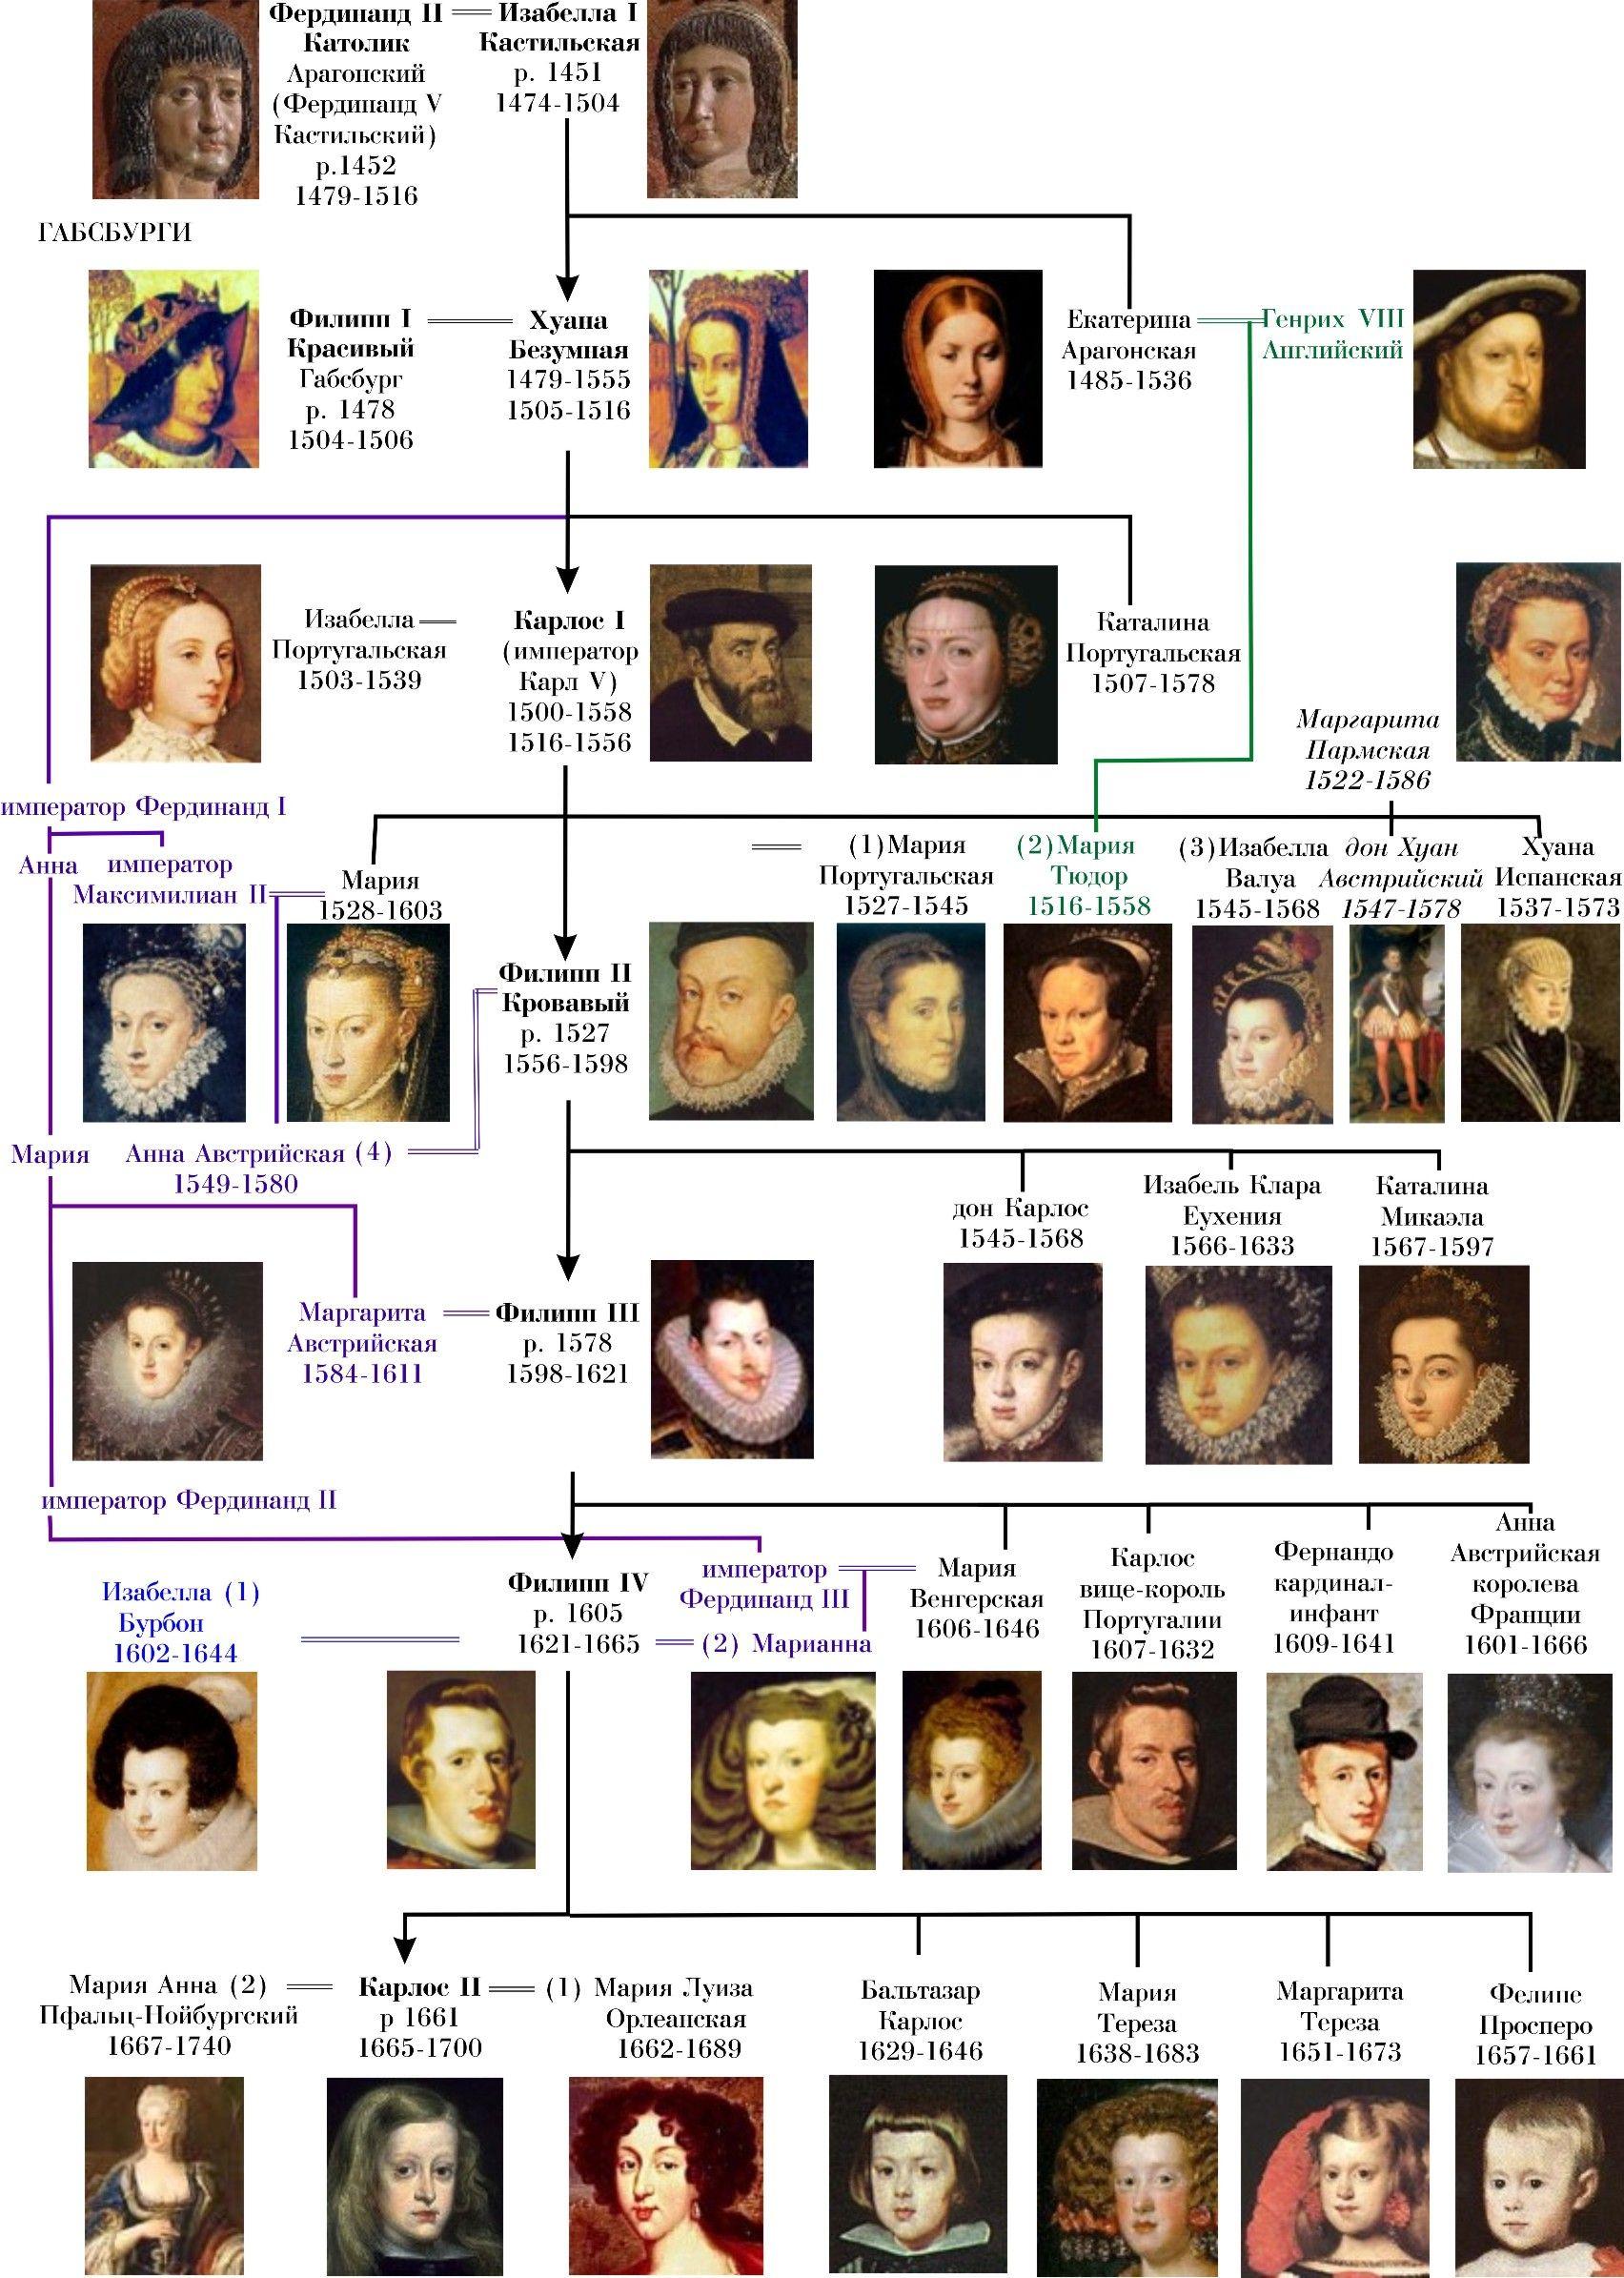 Генеалогическая схема российских монархов 18 века фото 693